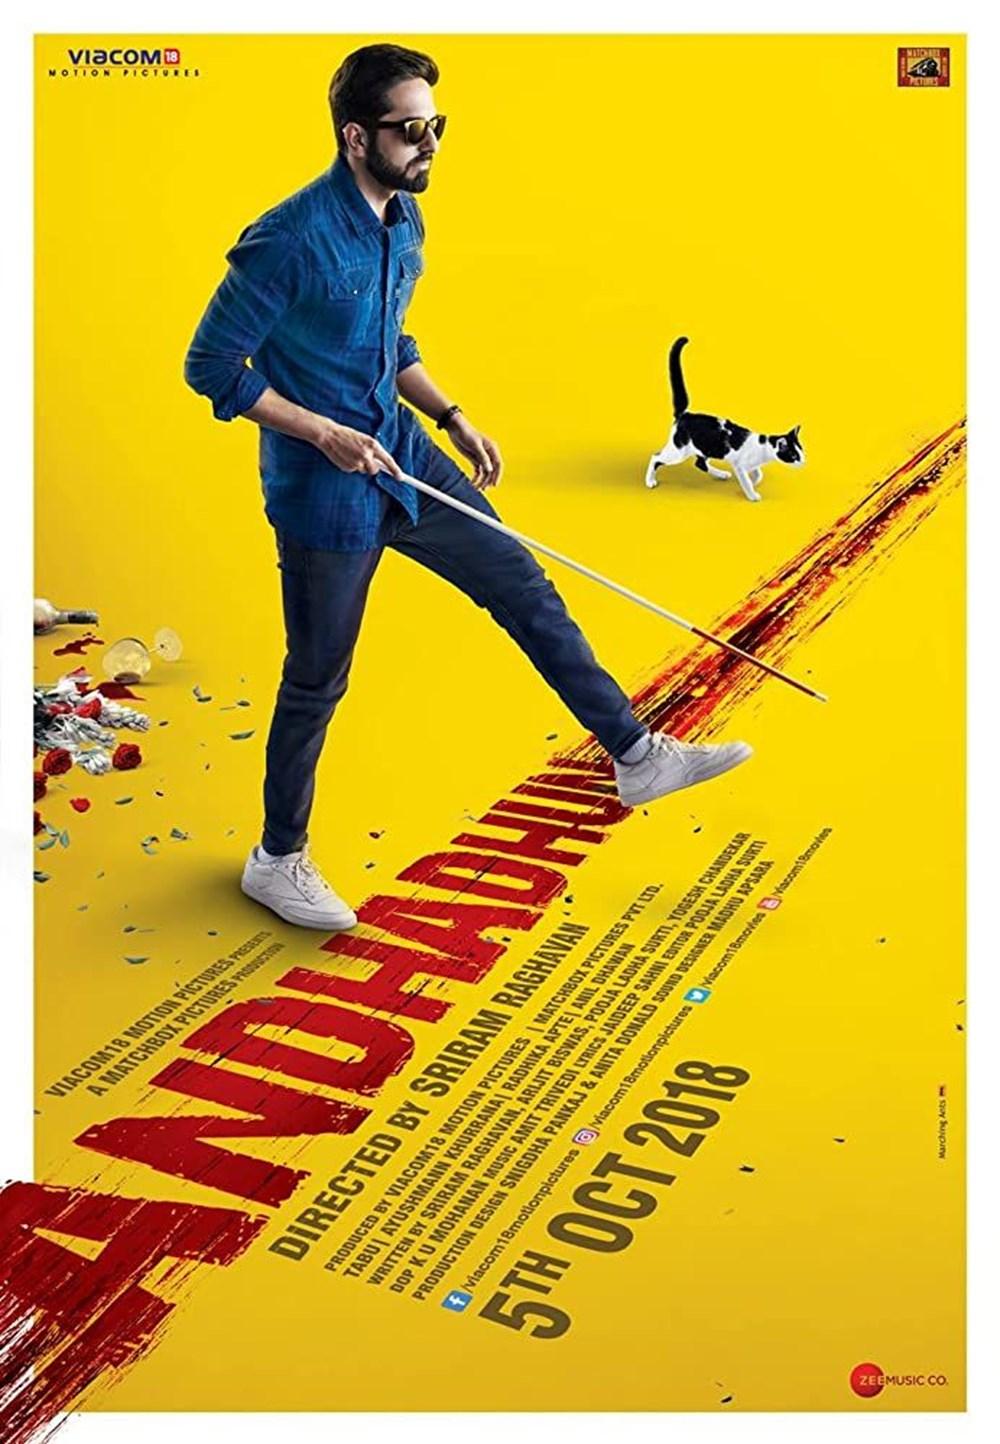 En iyi Hint filmleri - IMDb verileri (Bollywood sineması) - 18